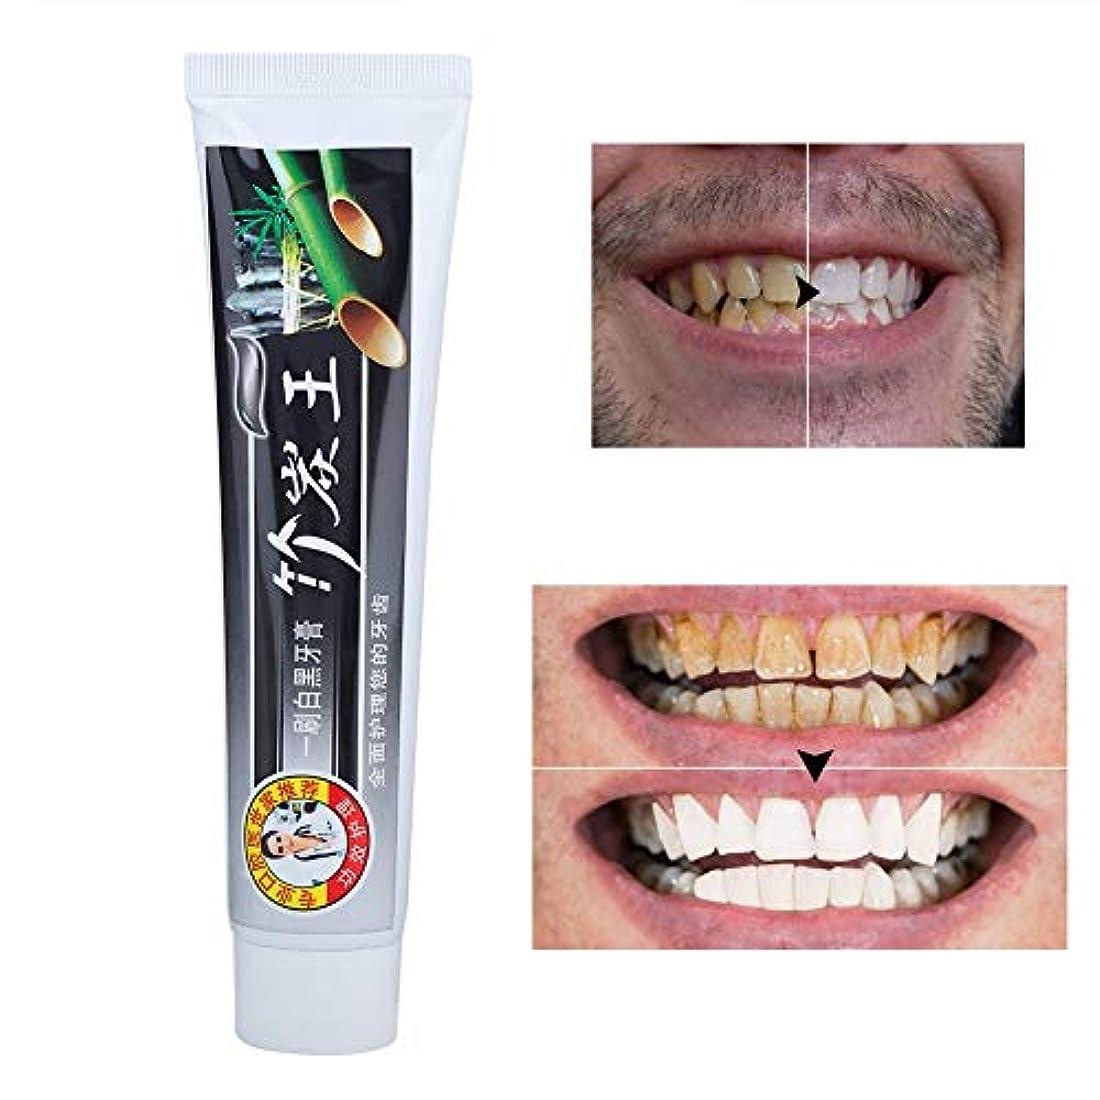 抑圧者韓国解読する汚れを白くする竹炭の抗口臭160gは、口腔ケアの歯磨き粉を取り除きます